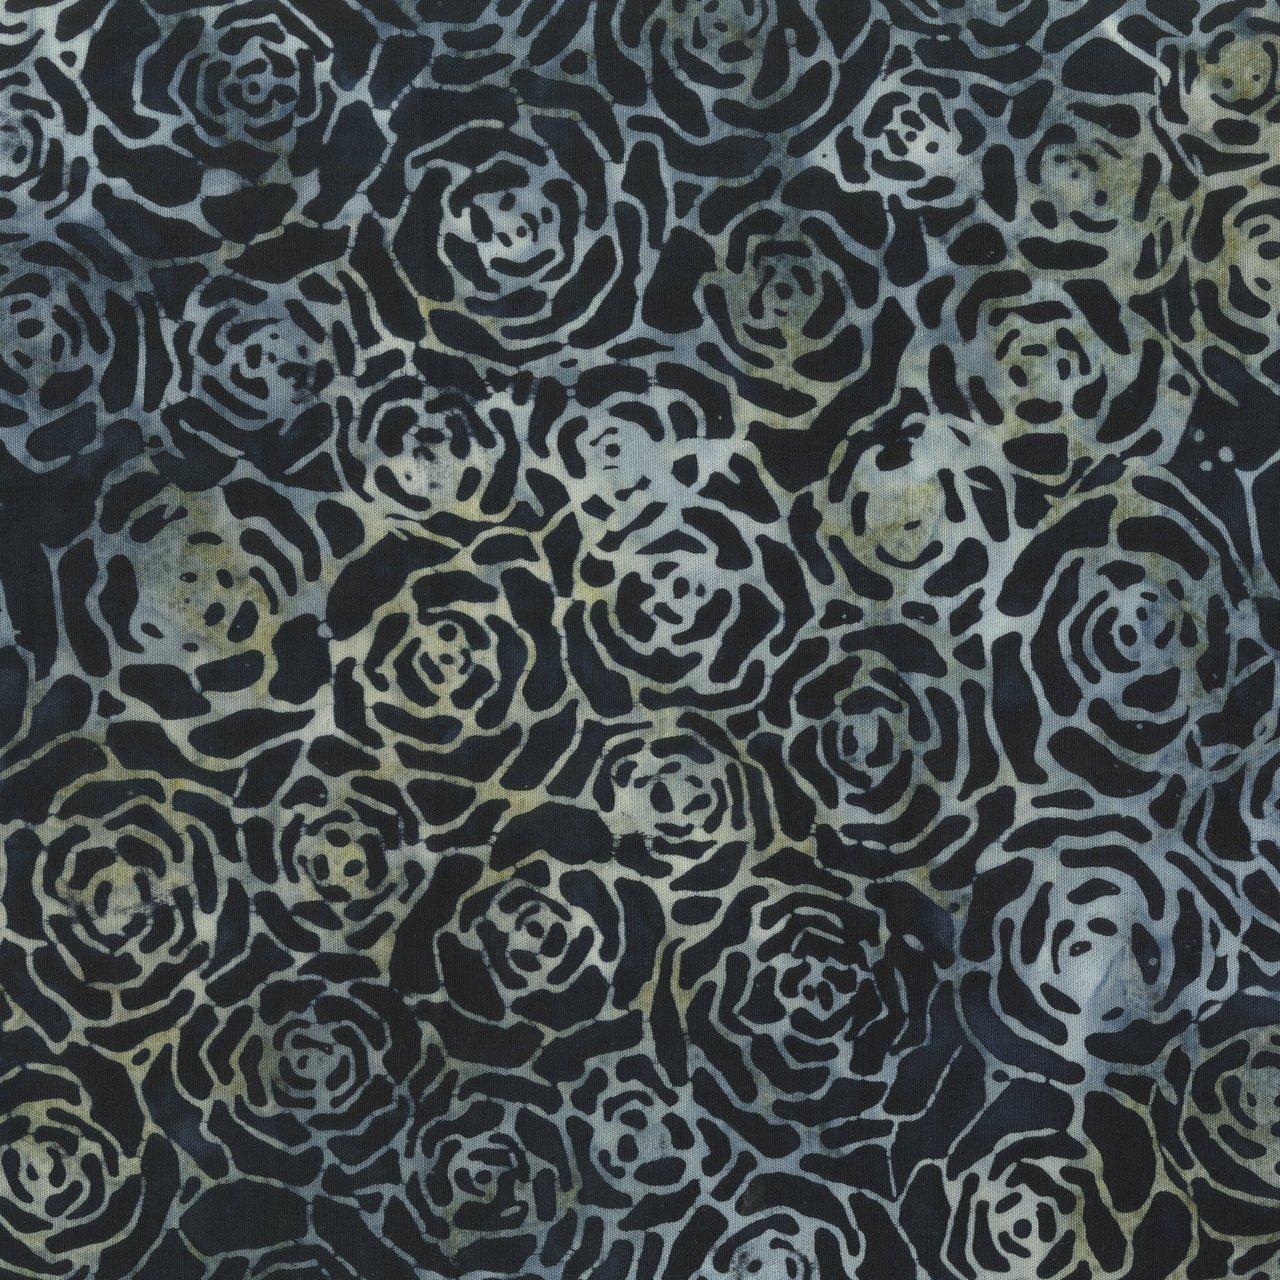 Batik Quiltessentials 400Q-2 by Anthology